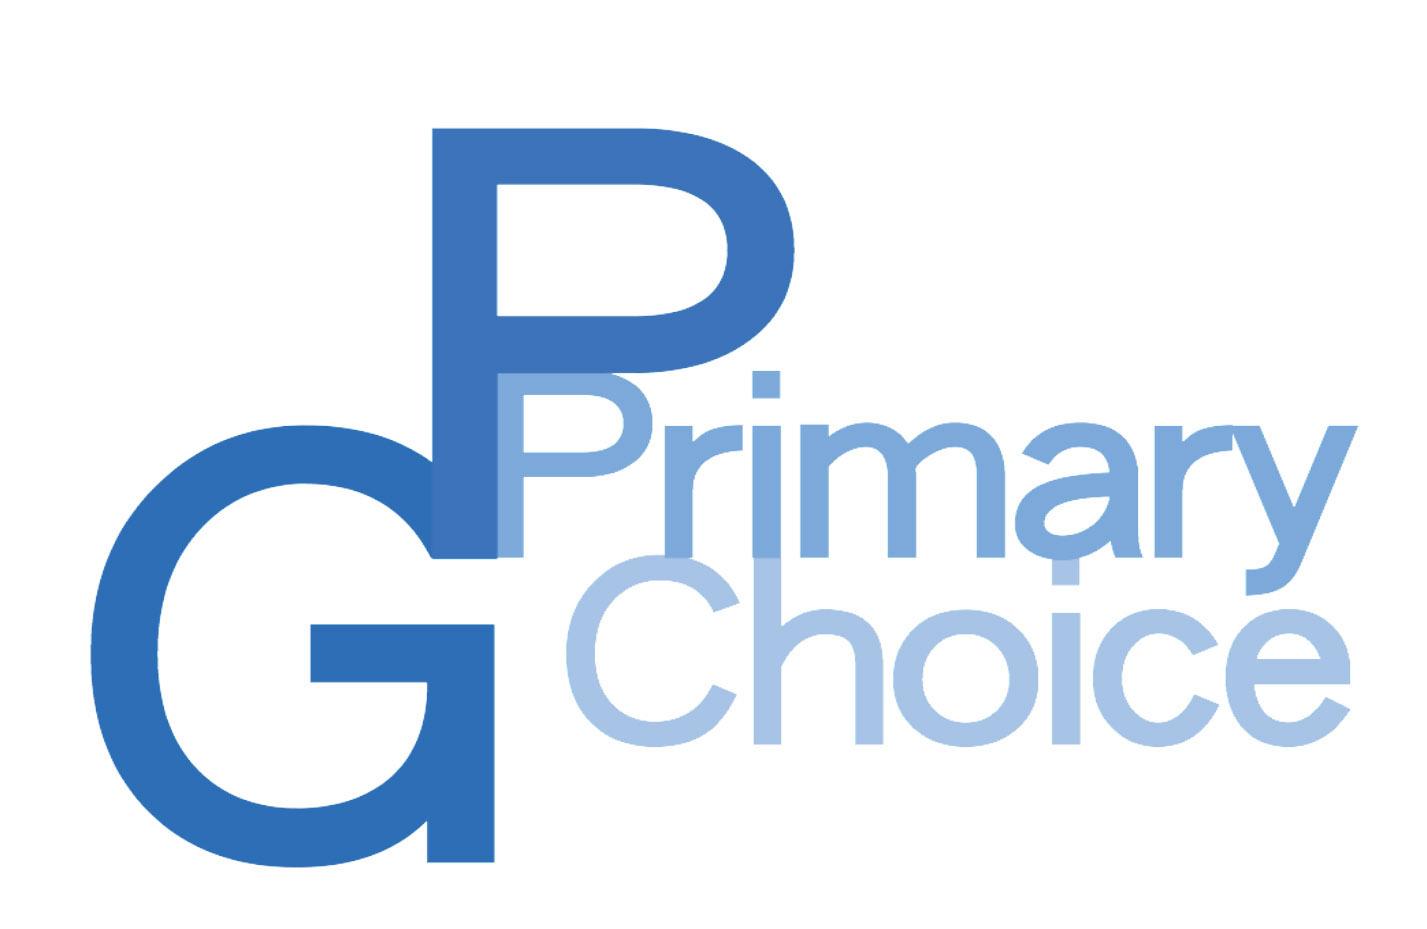 GP Primary Choice